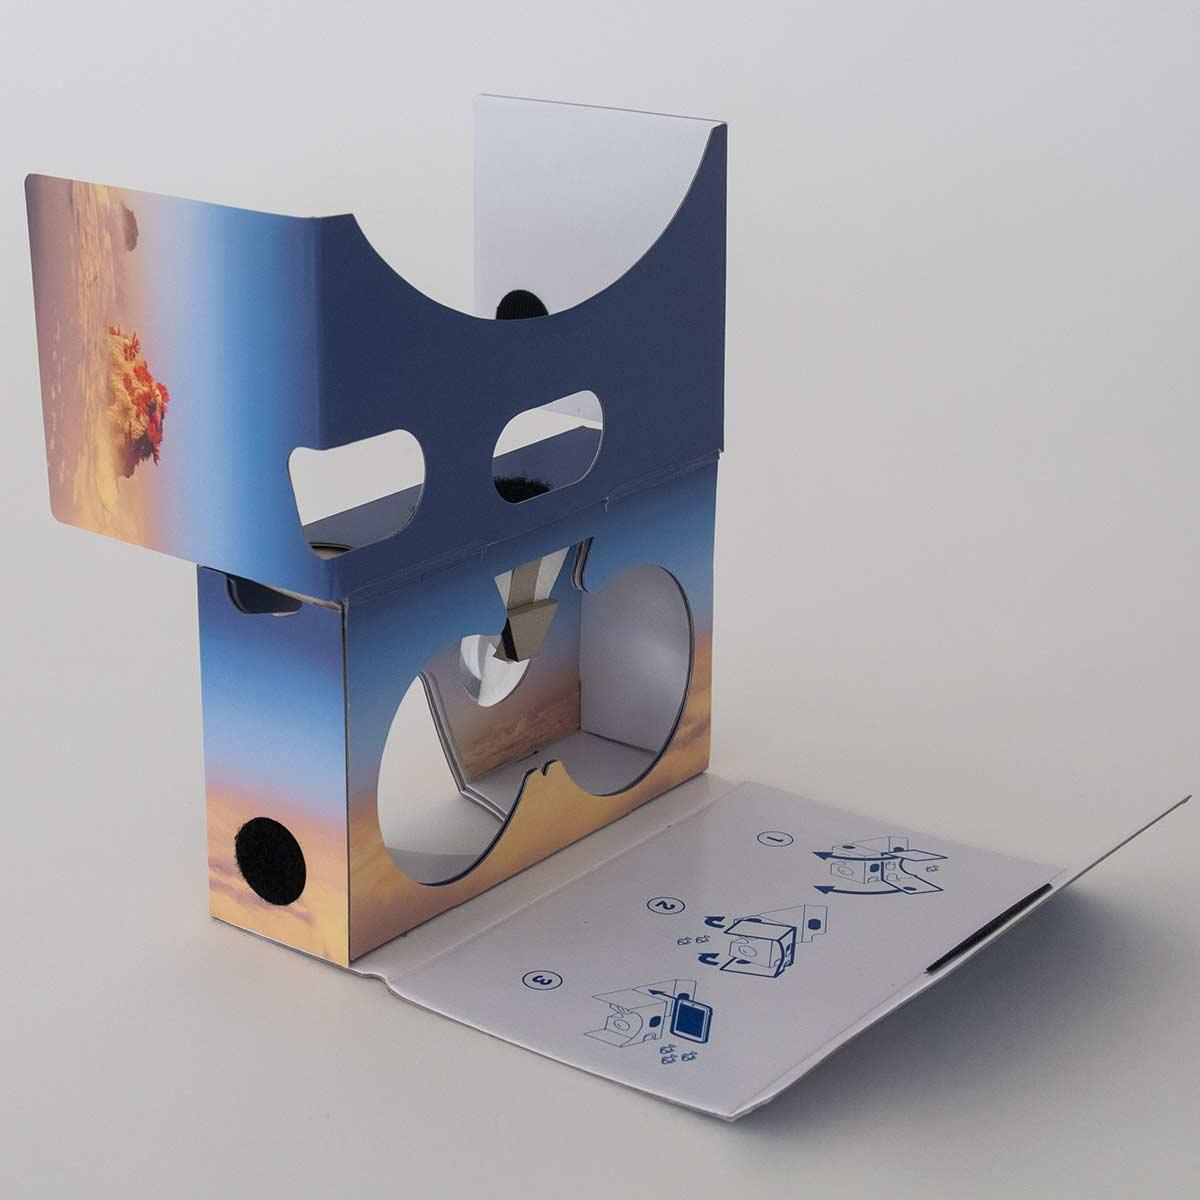 Juerg_Siegrist_AG_VR_Brillen_Cardboard_03